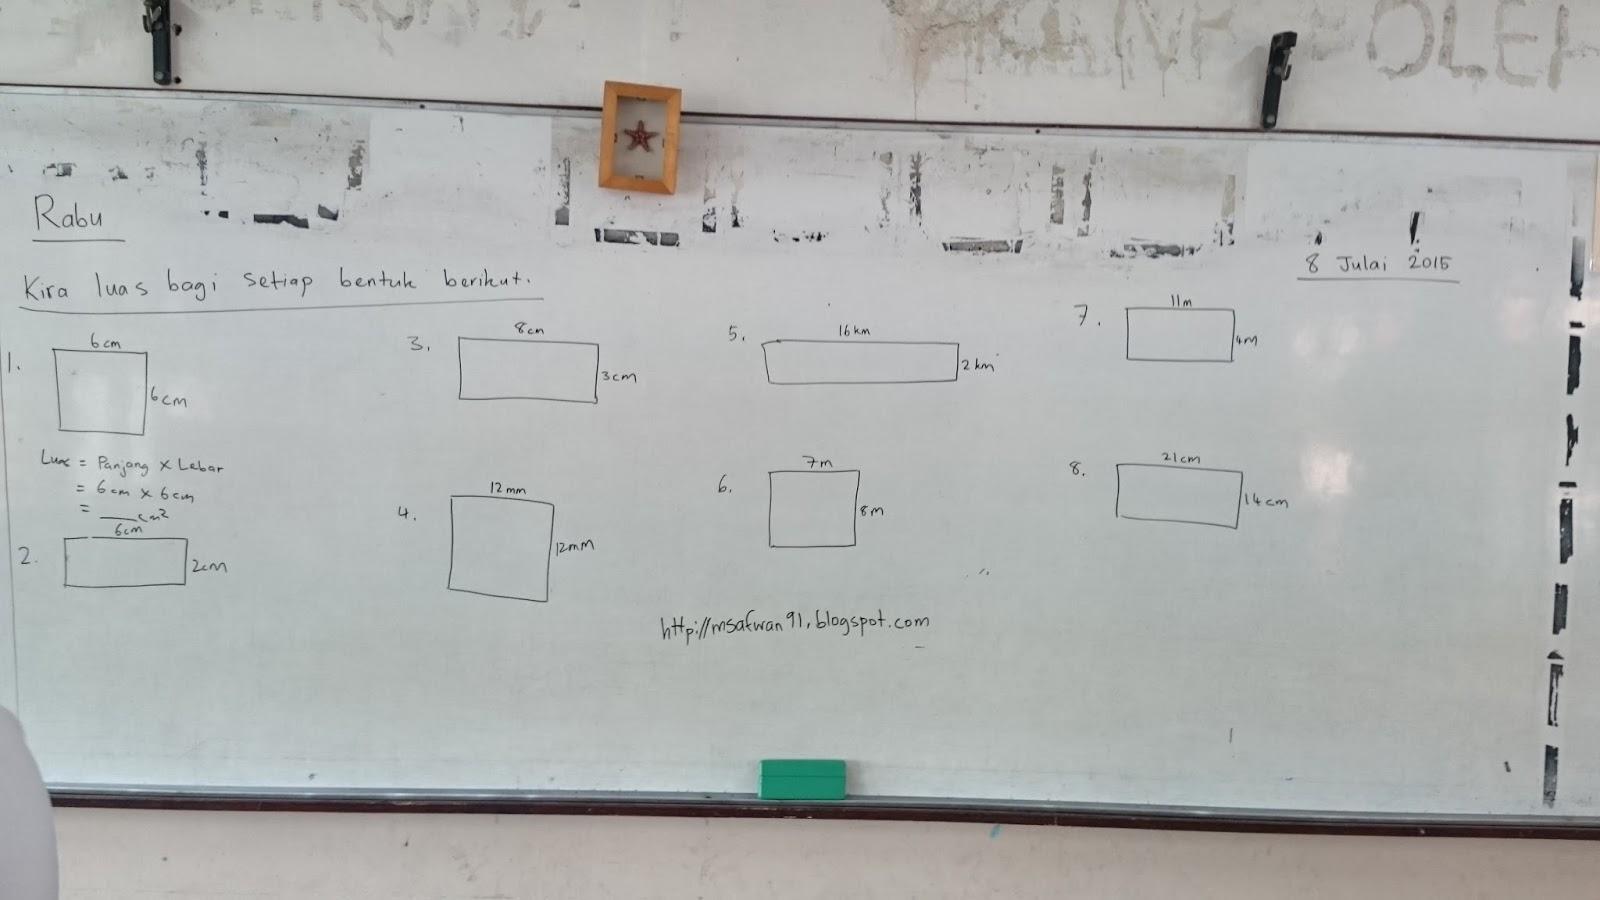 Latihan Sains Tahun 4 Menarik Cikgu Safwan Latihan topik Luas Sains Tahun 4 Of Himpunan Latihan Sains Tahun 4 Yang Bernilai Khas Untuk Ibubapa Lihat!